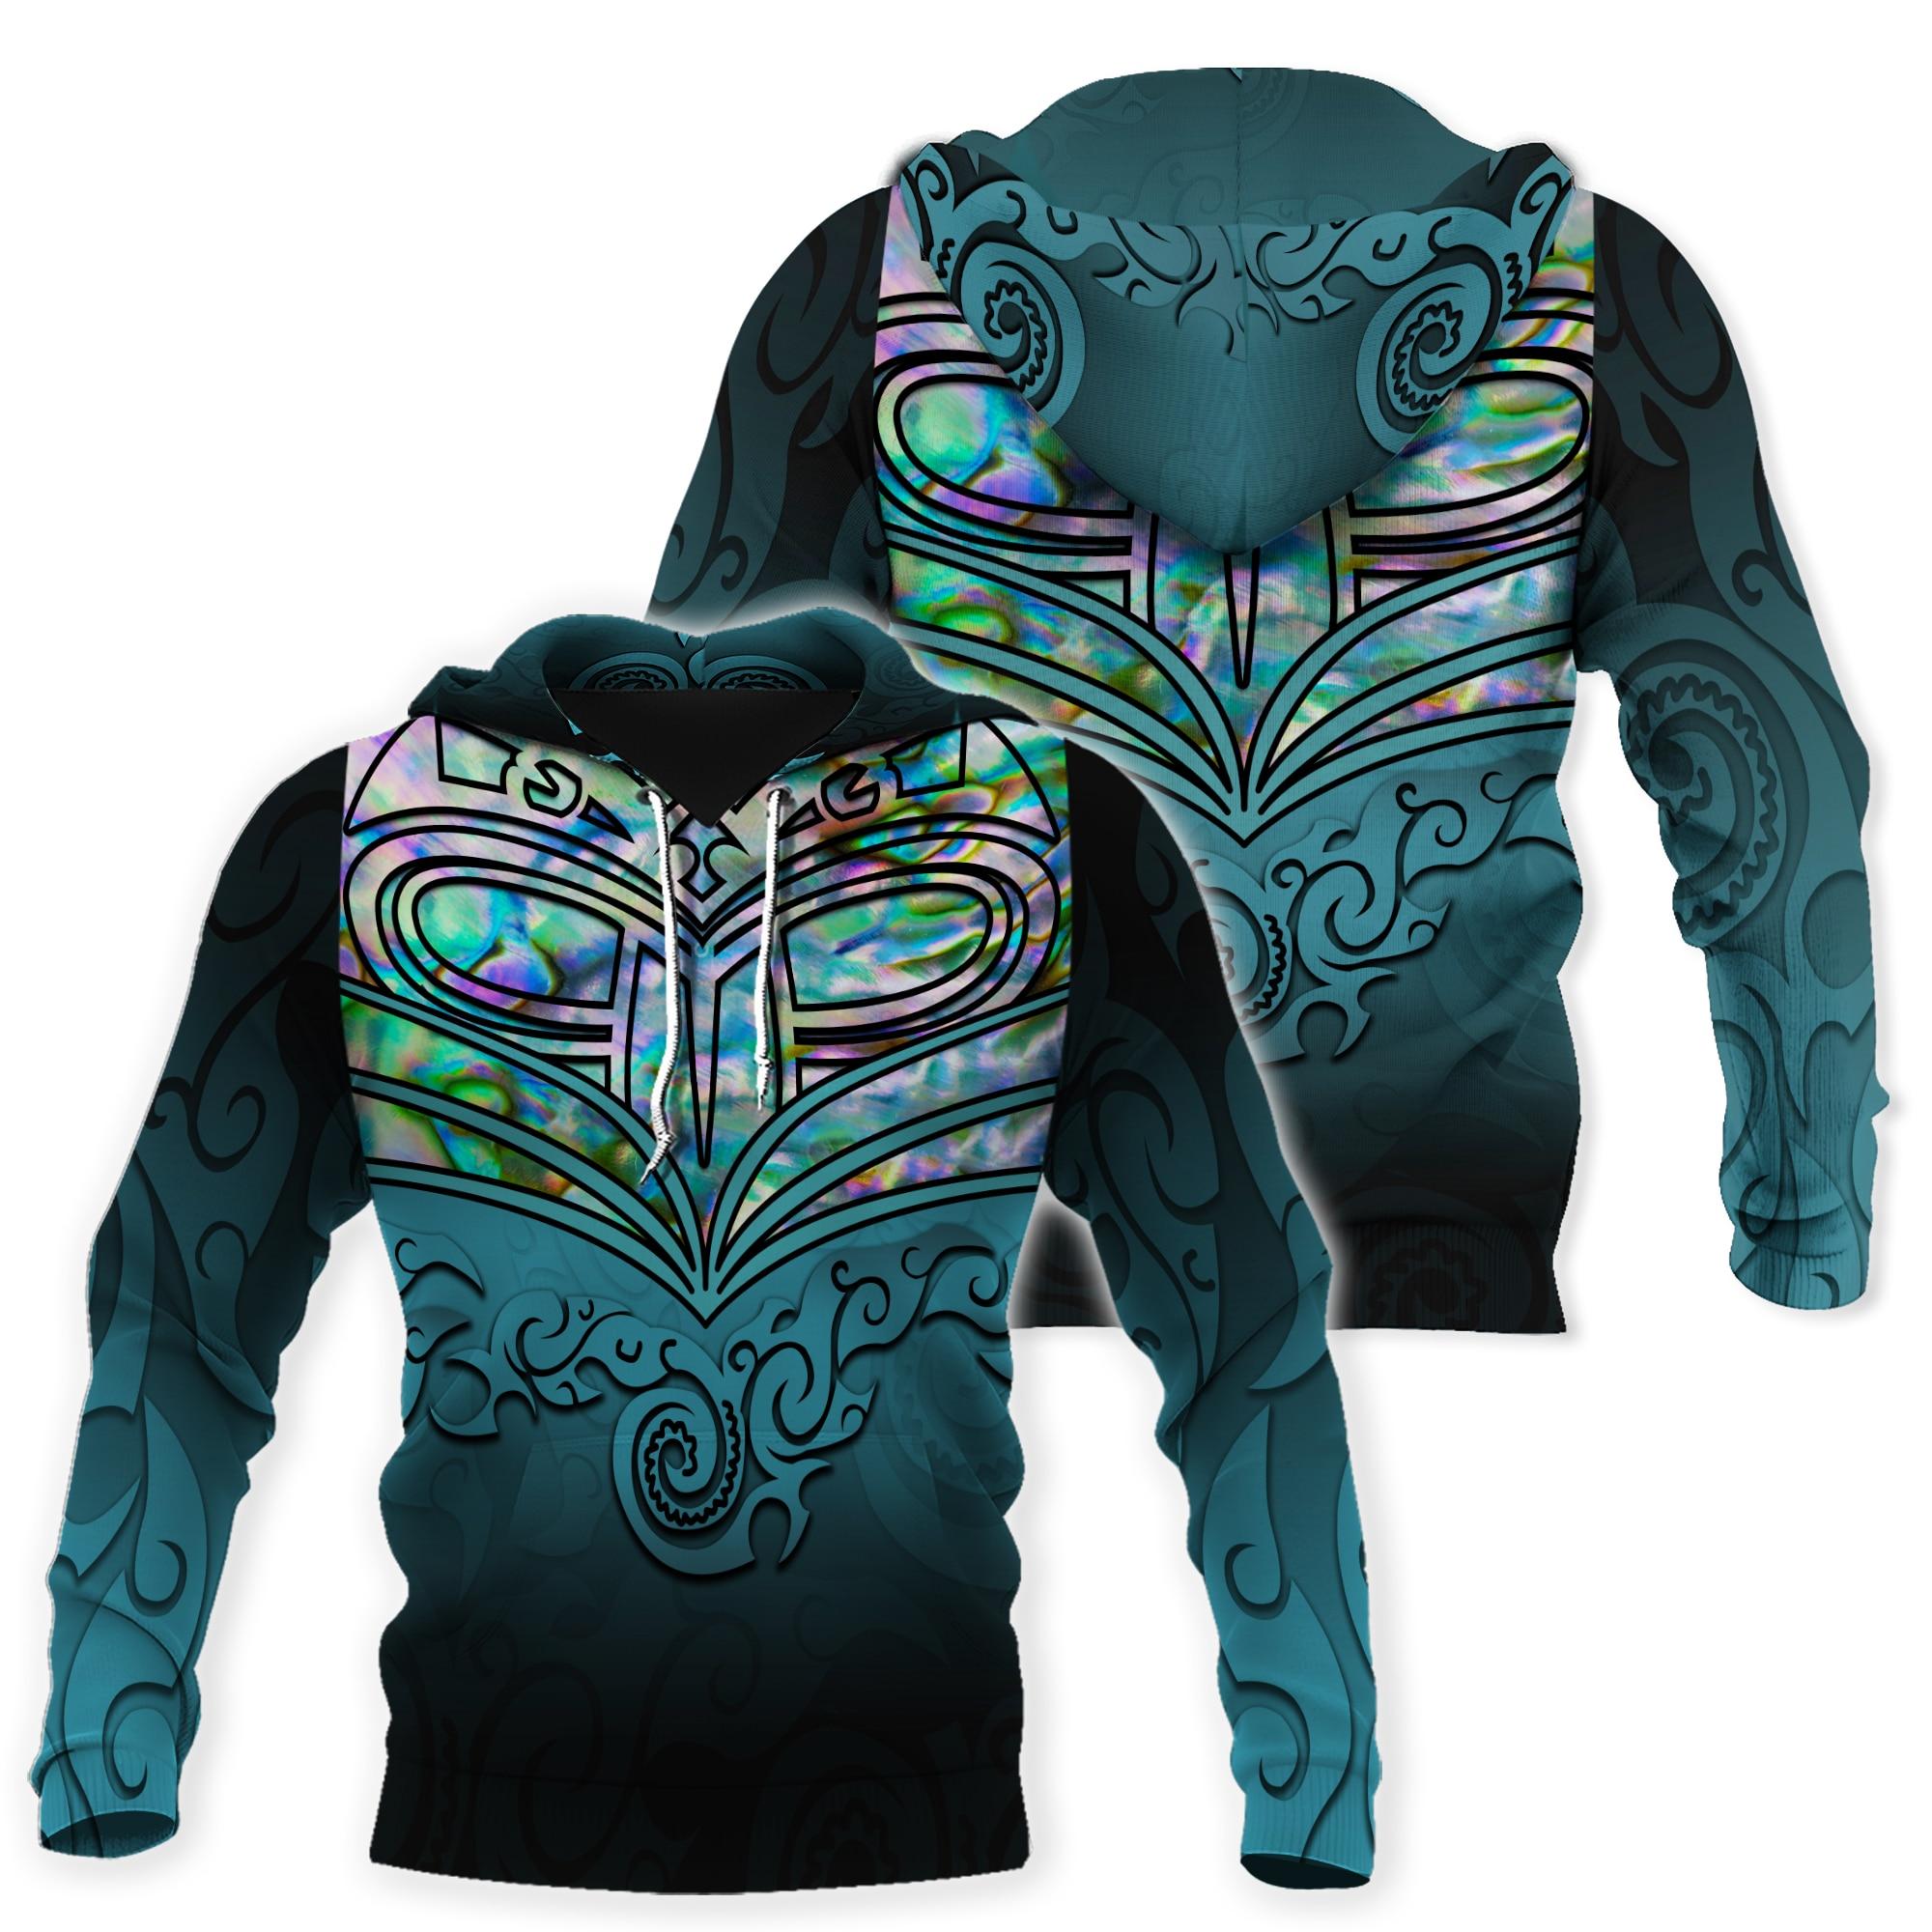 JUMEAST беговые стильные 3D толстовки мужские 3D Печатные Модные мужские толстовки с капюшоном 3d брендовая одежда